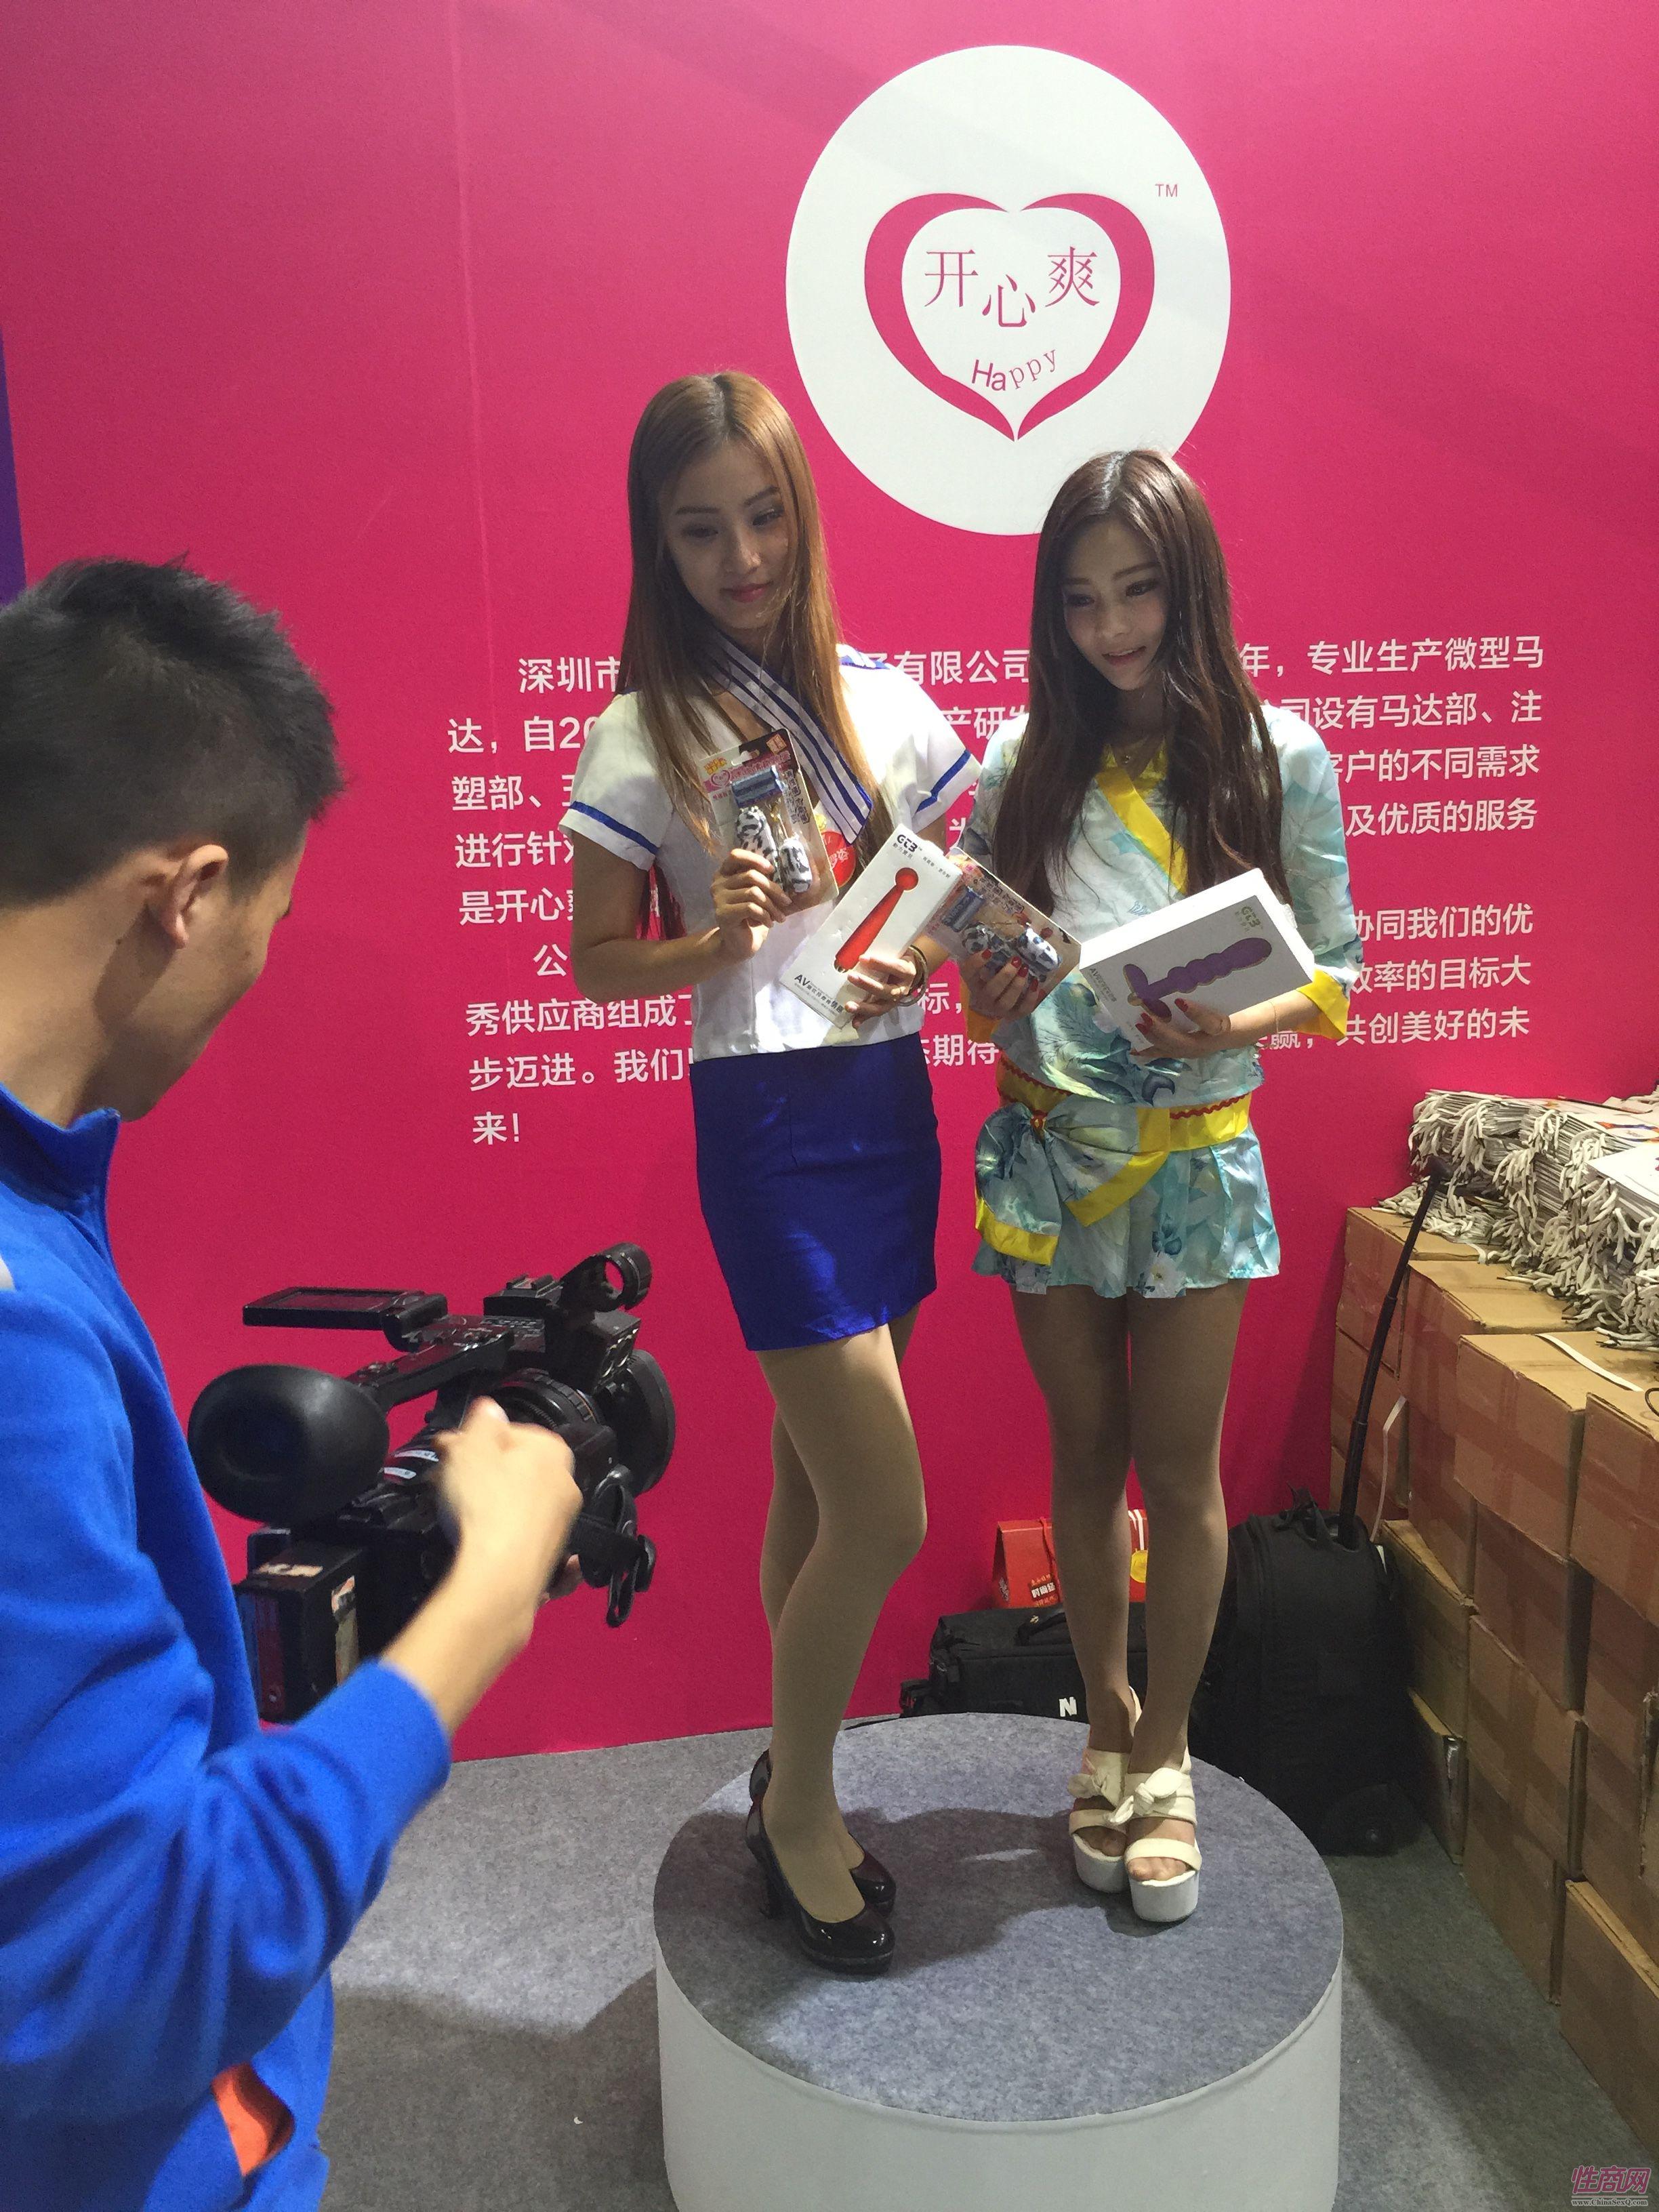 2015上海国际成人展――性感模特(1)图片52